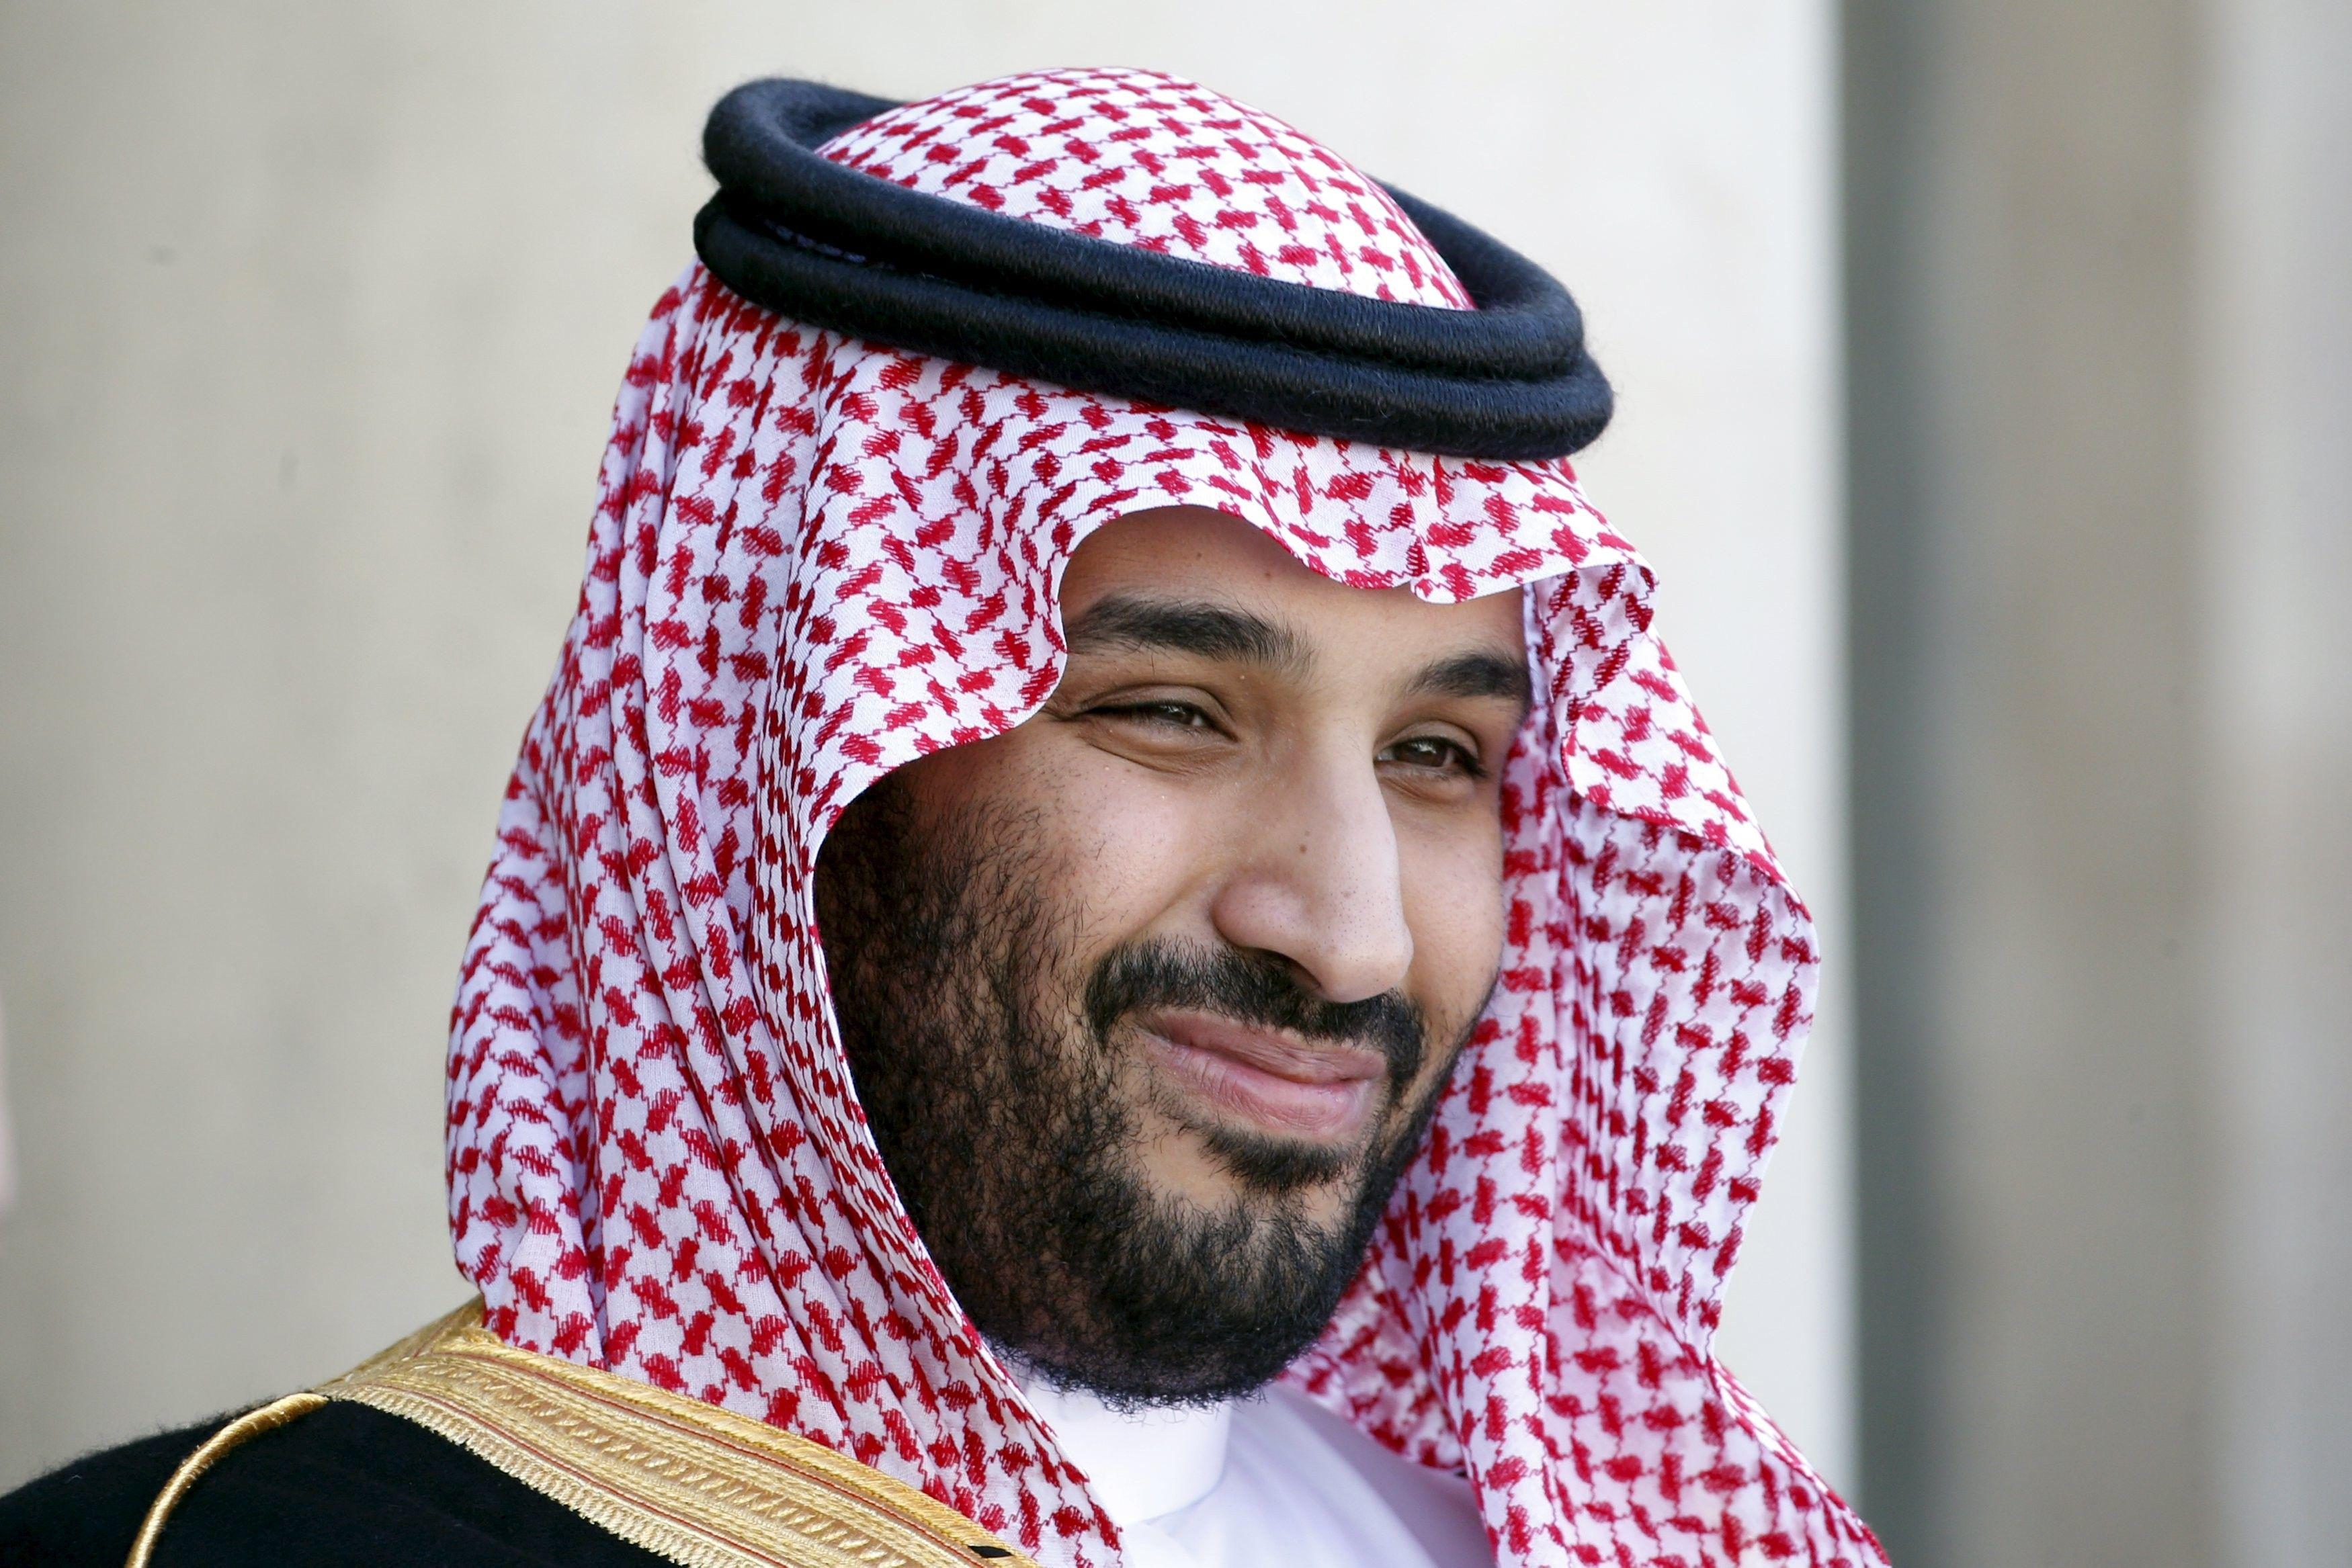 УСаудівській Аравії затримані 4 міністра і 11 принців